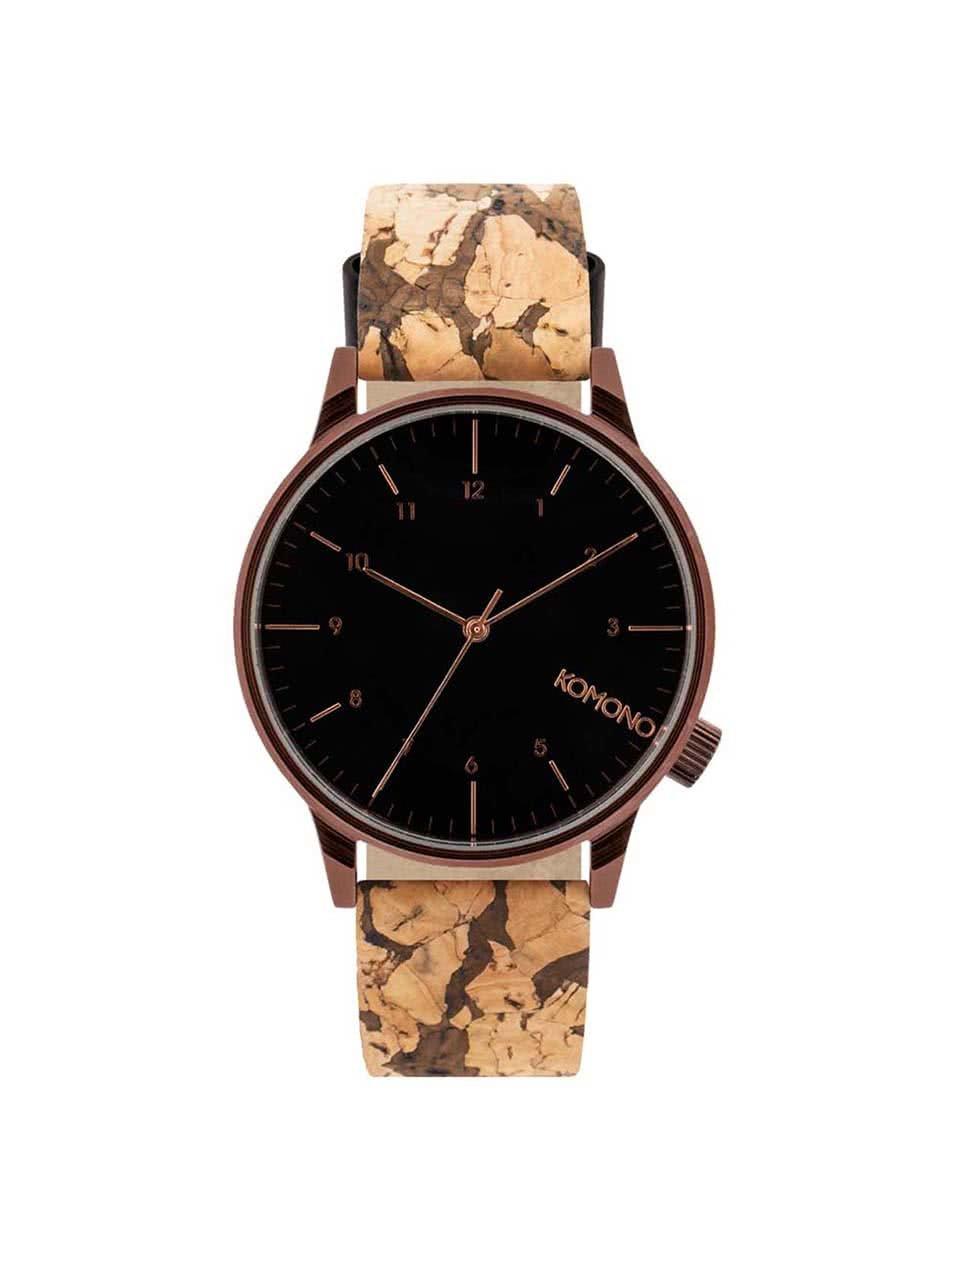 Černé dámské hodinky s hnědým korkovým páskem Komono Estelle - Akční ... 0697f7c5d1